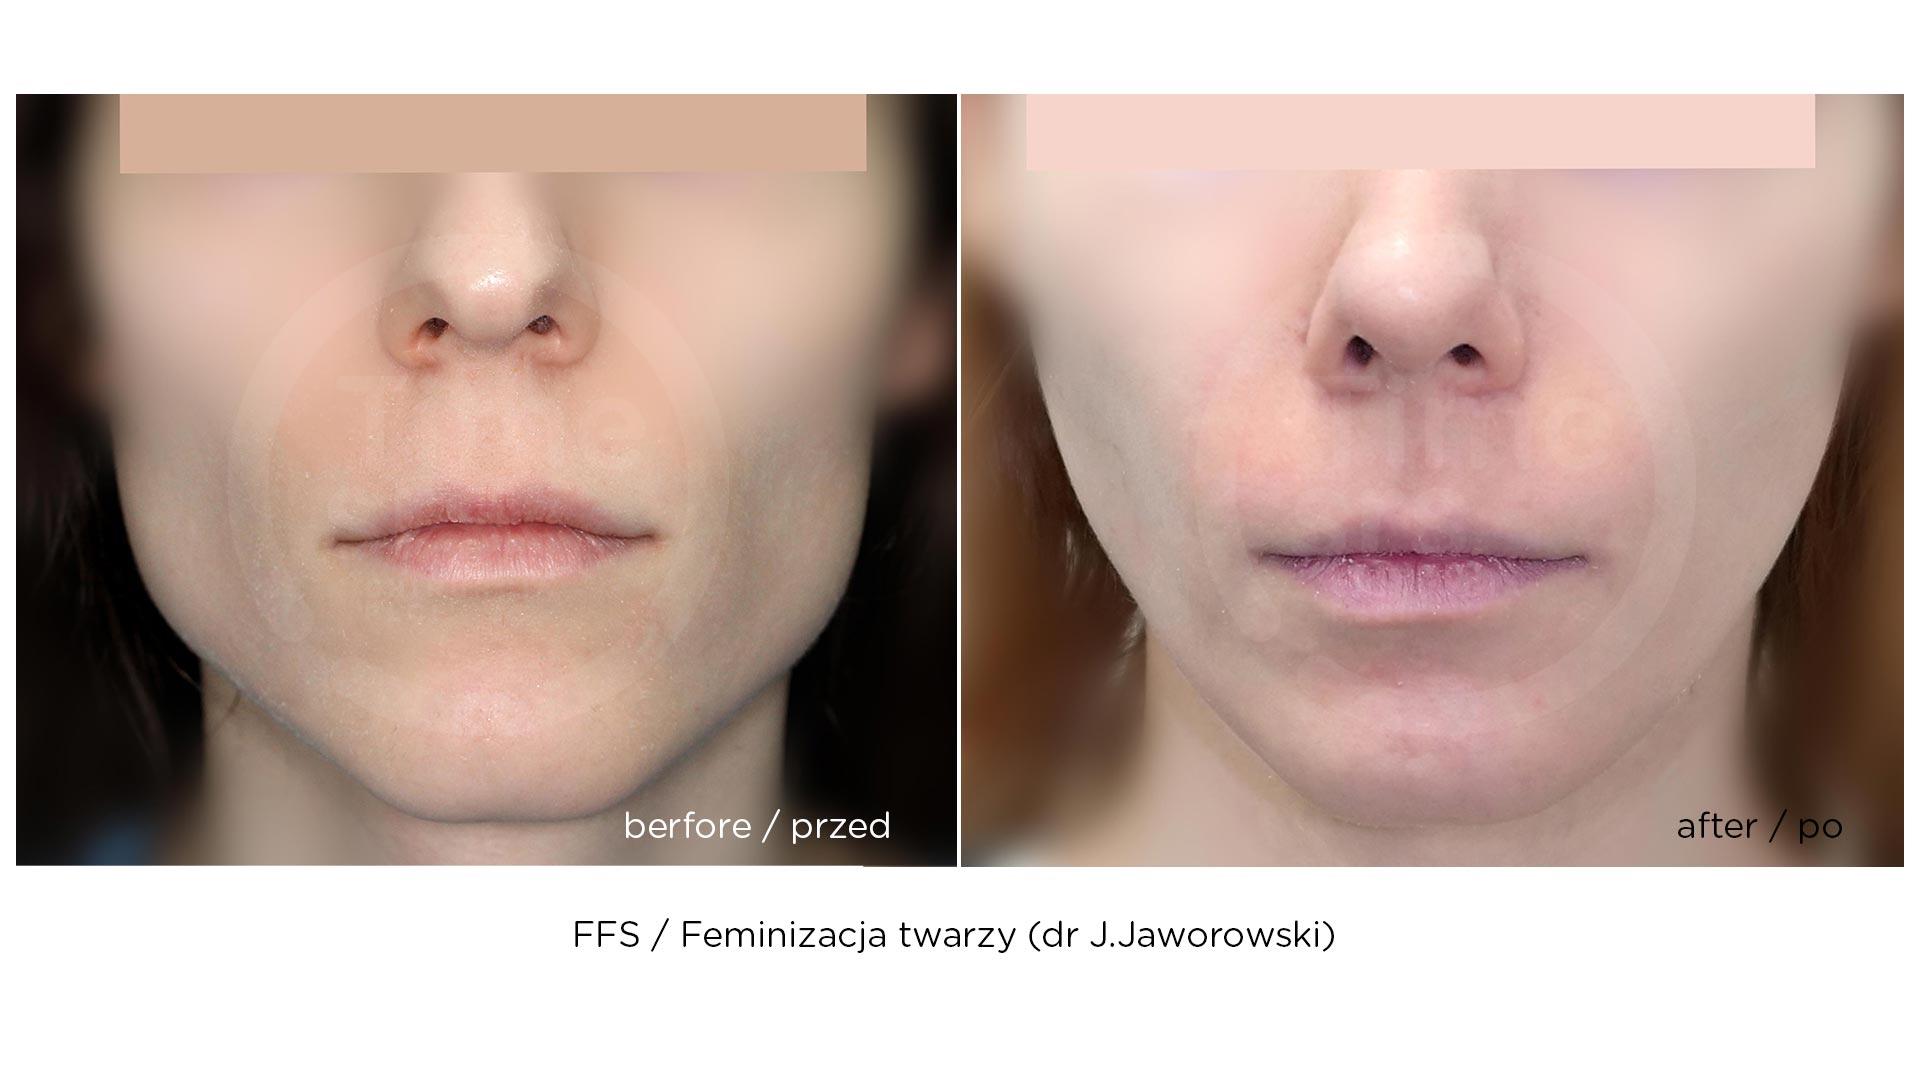 FFS-feminizacja-twarzy-chirurgiaplci-2